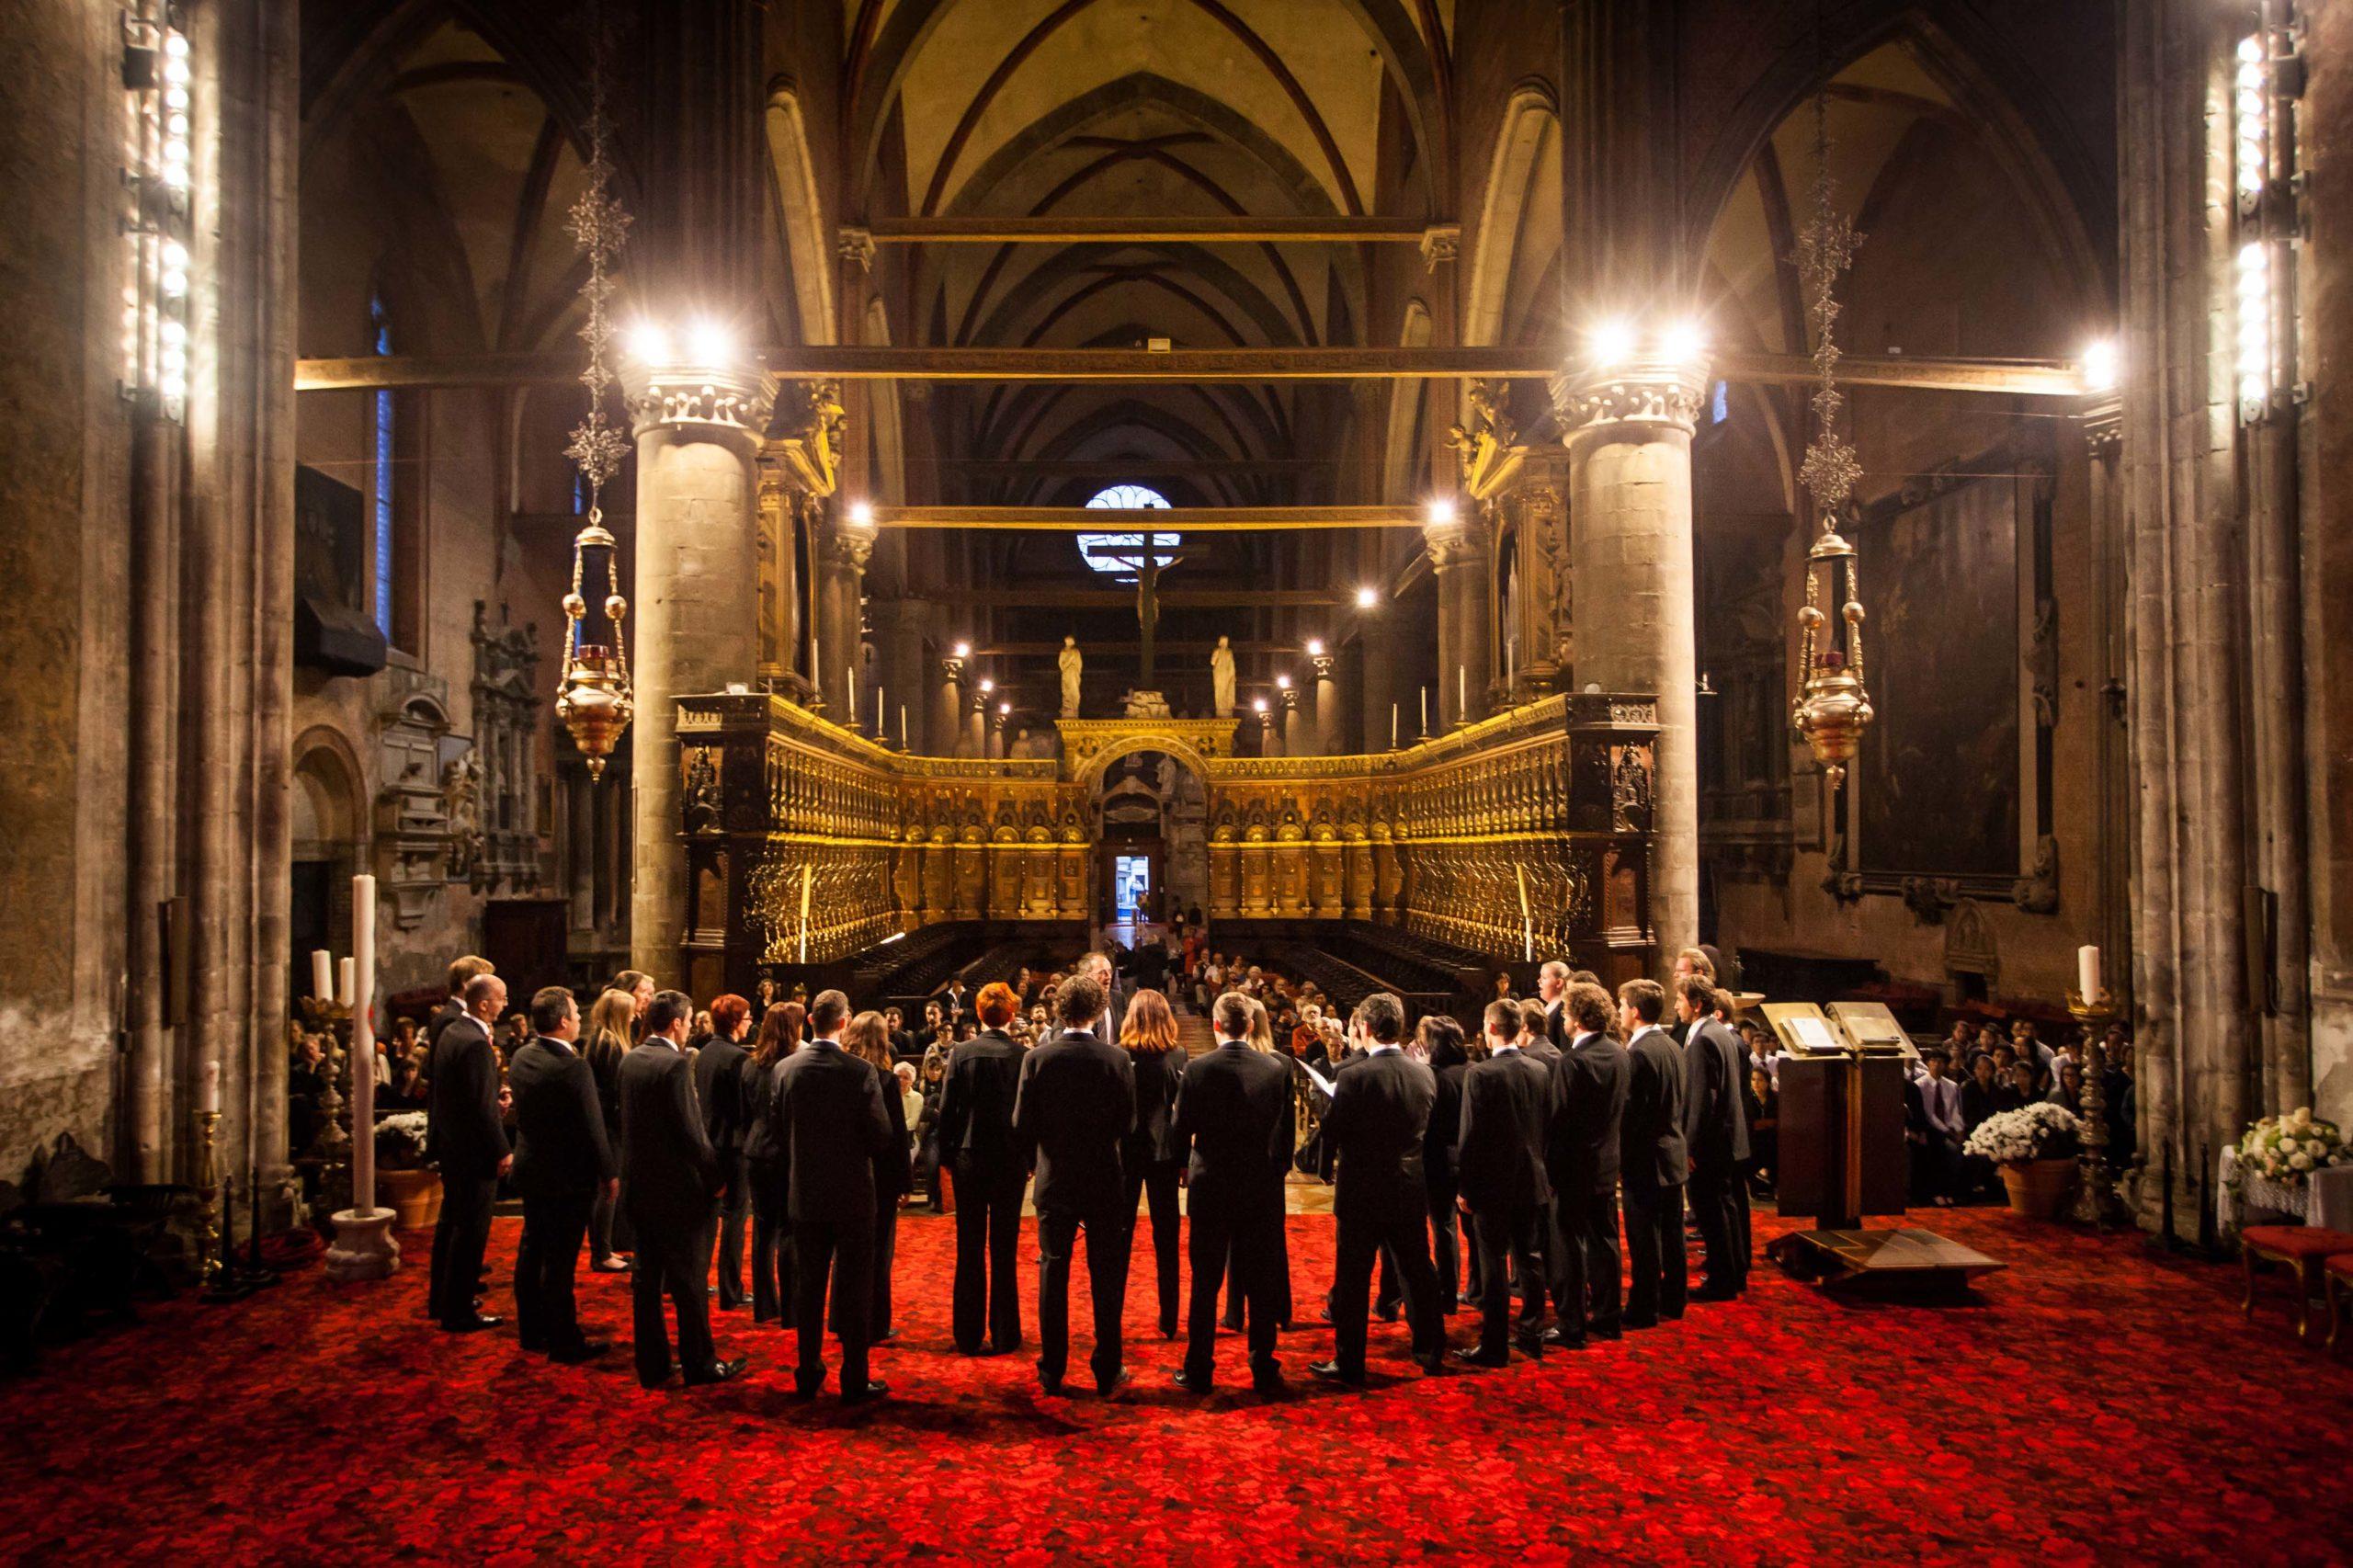 Der Chor Vox Cantabilis in der Pfarrkirche Bischofshofen